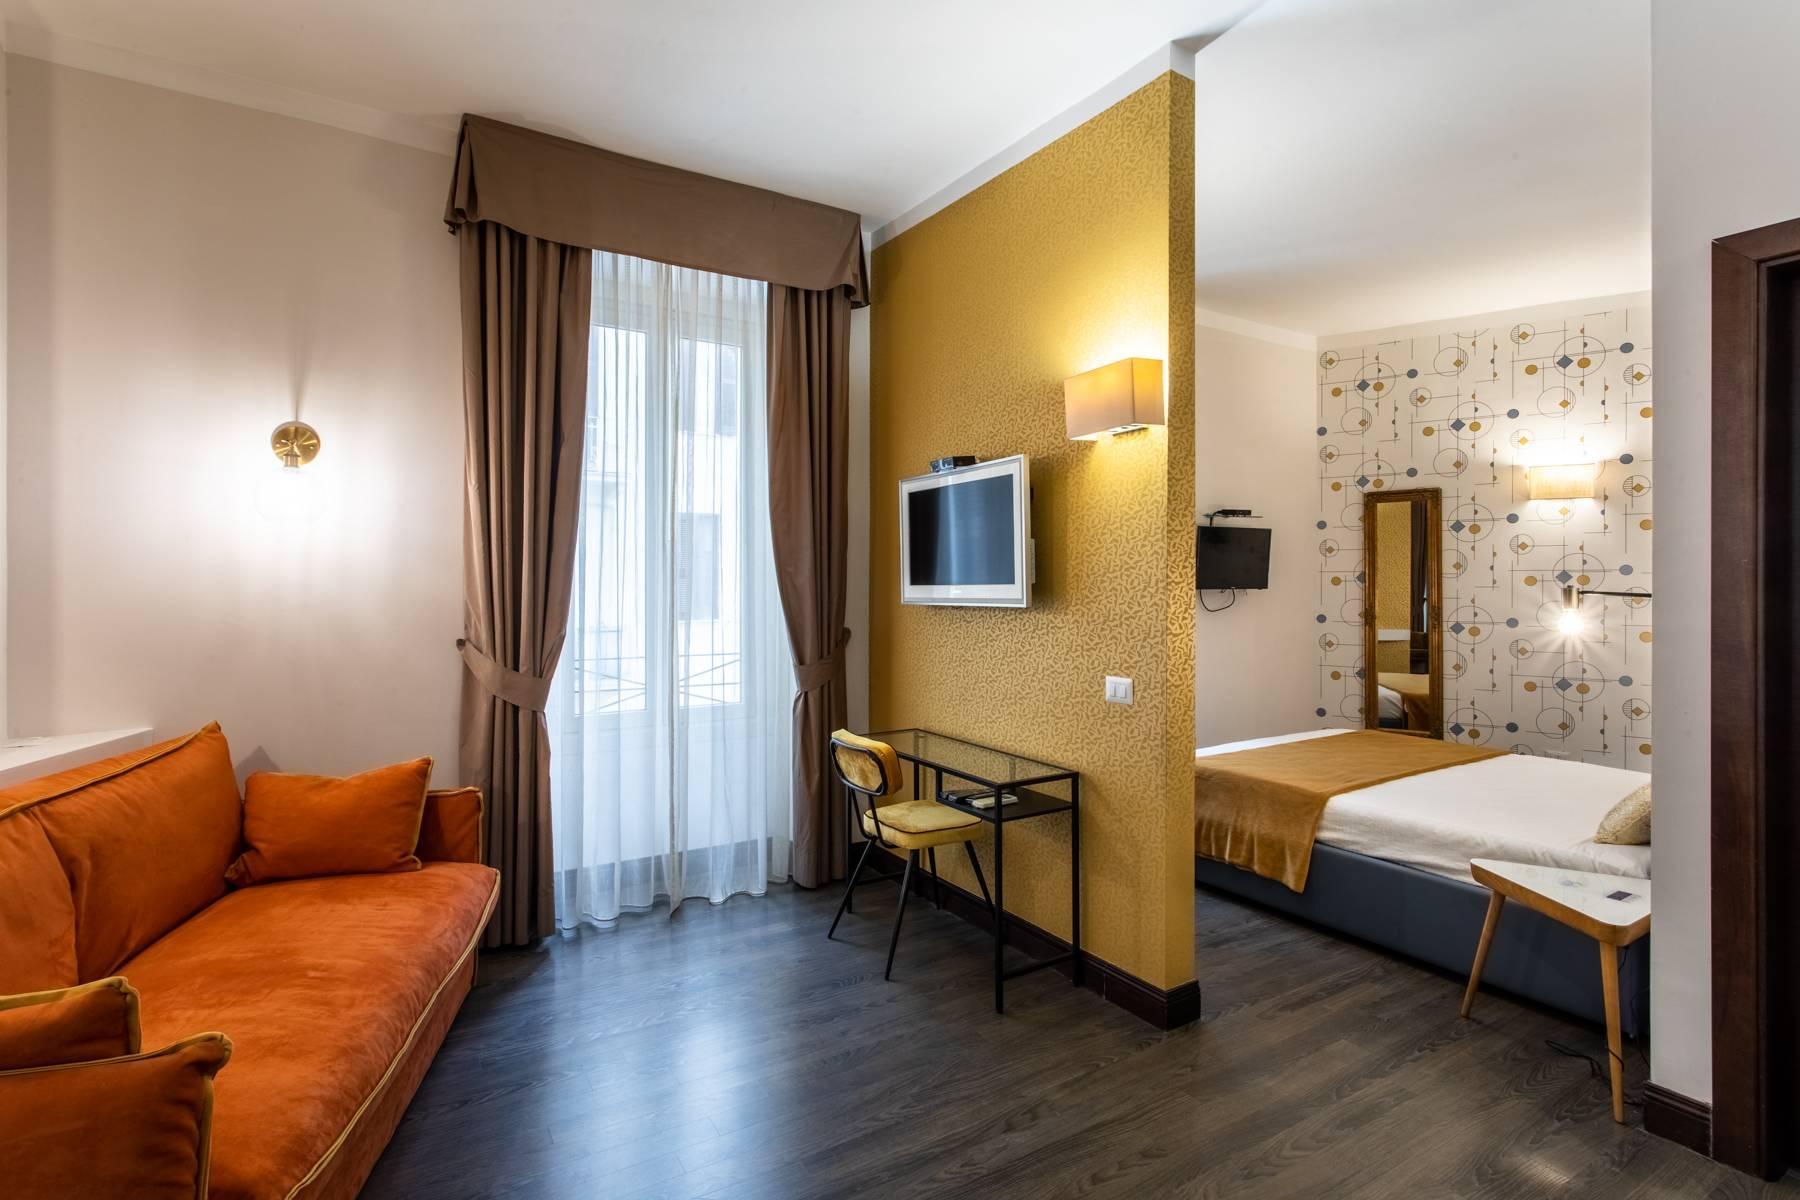 Appartamento dal design moderno a pochi passi da piazza del Popolo - 9